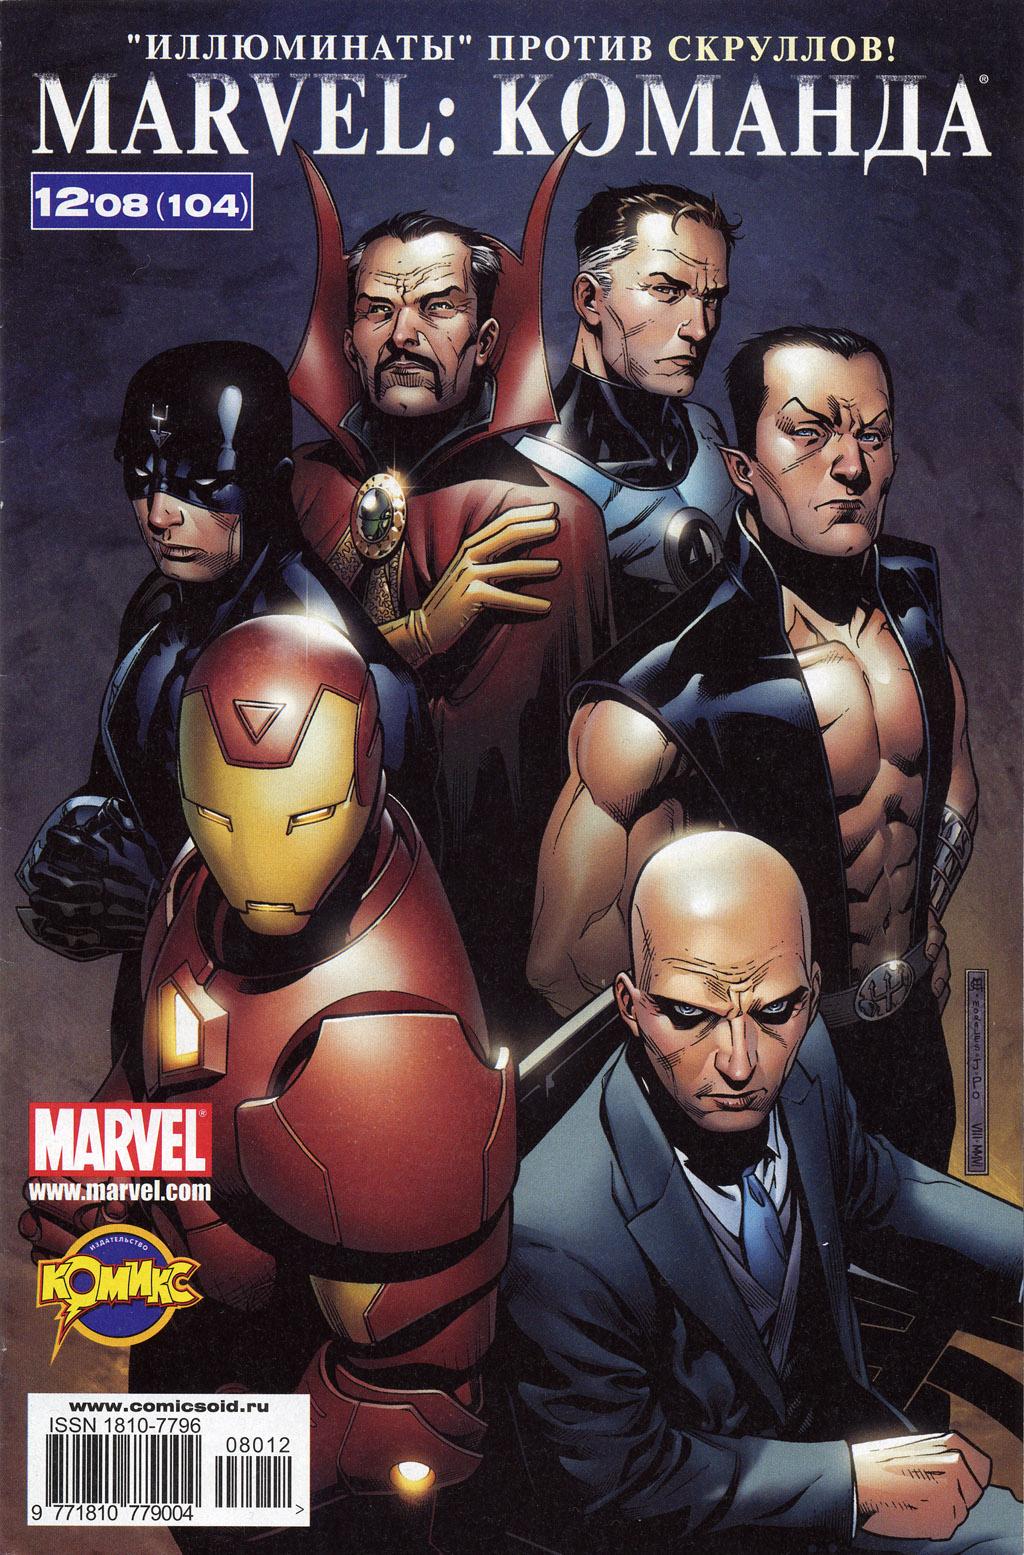 Комиксы Онлайн - Марвел Команда ИДК - # 1 - Страница №1 - Marvel Команда ИДК - Marvel Команда # 104